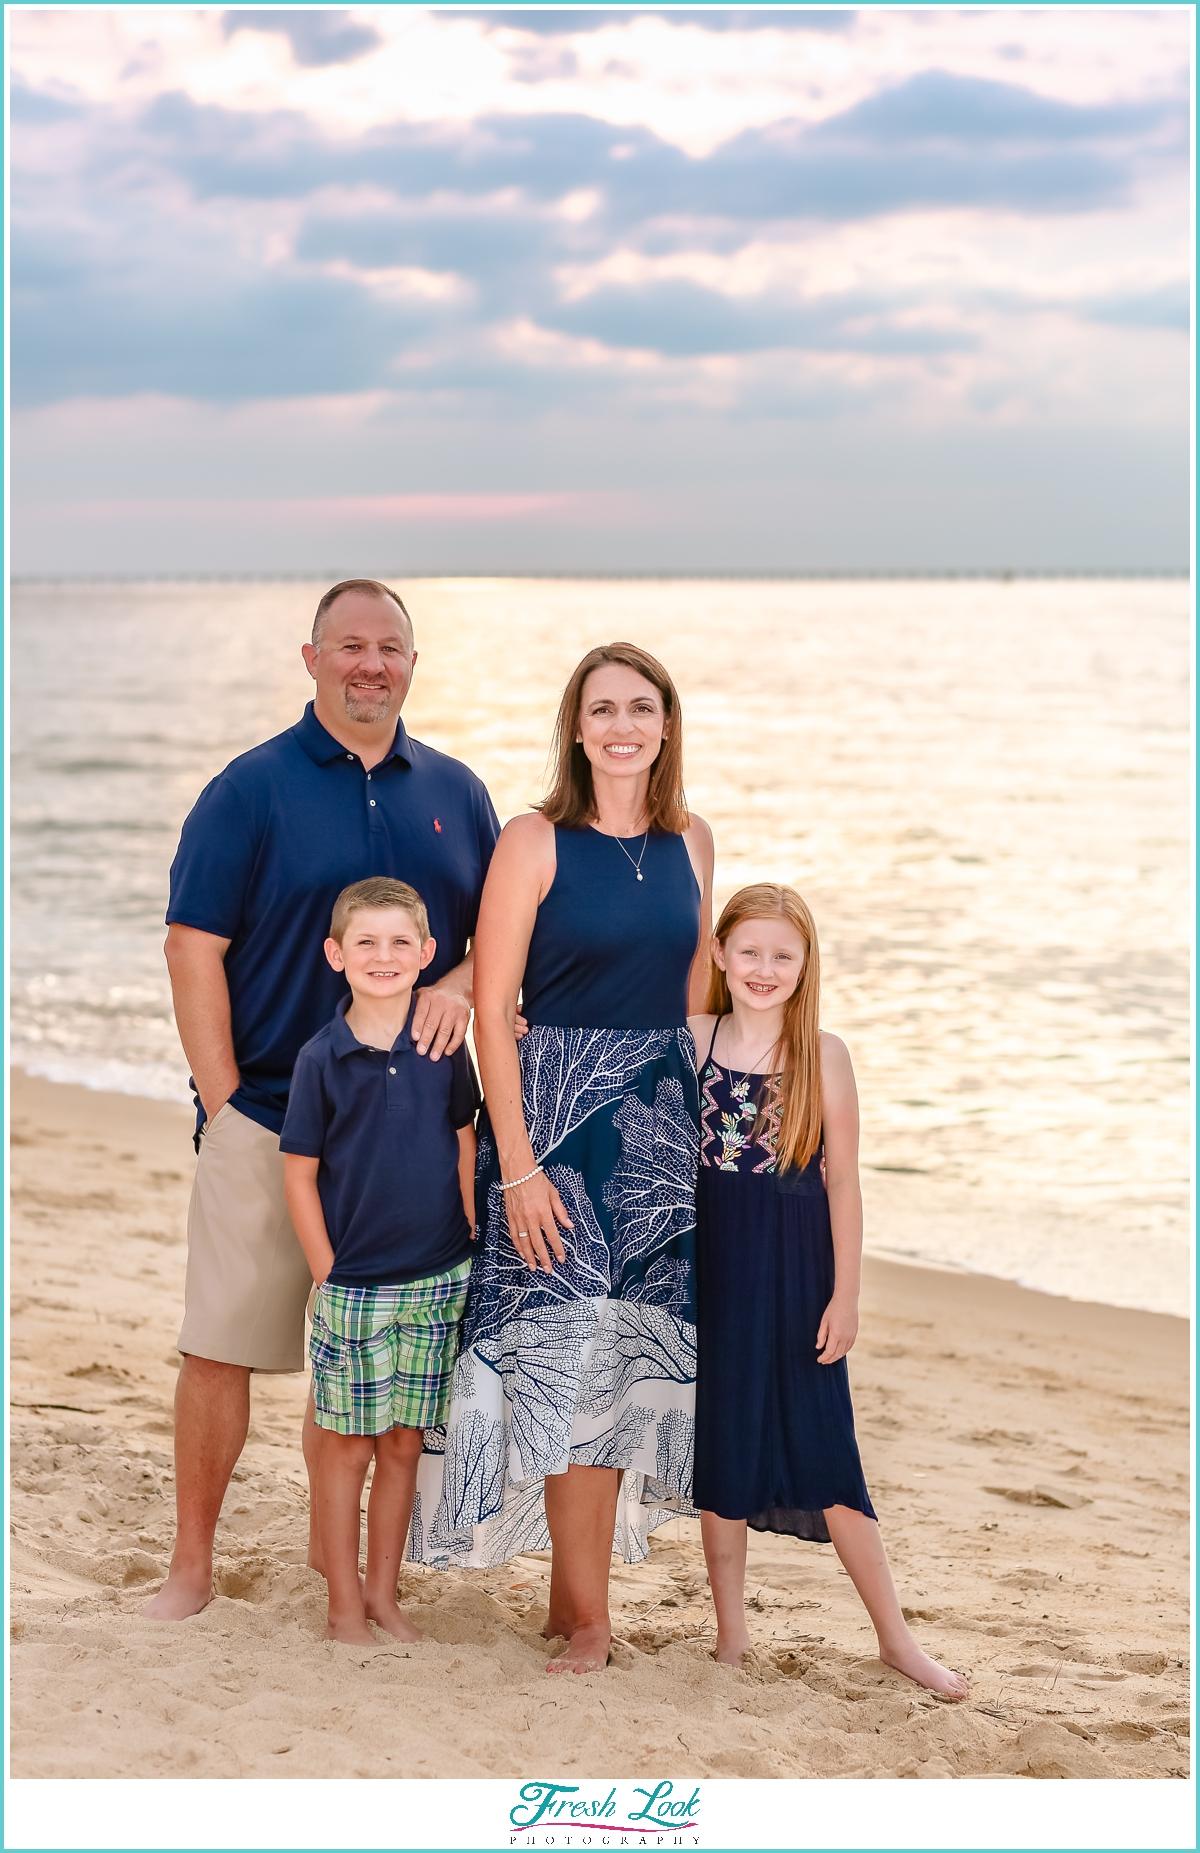 family sunset photos on the beach